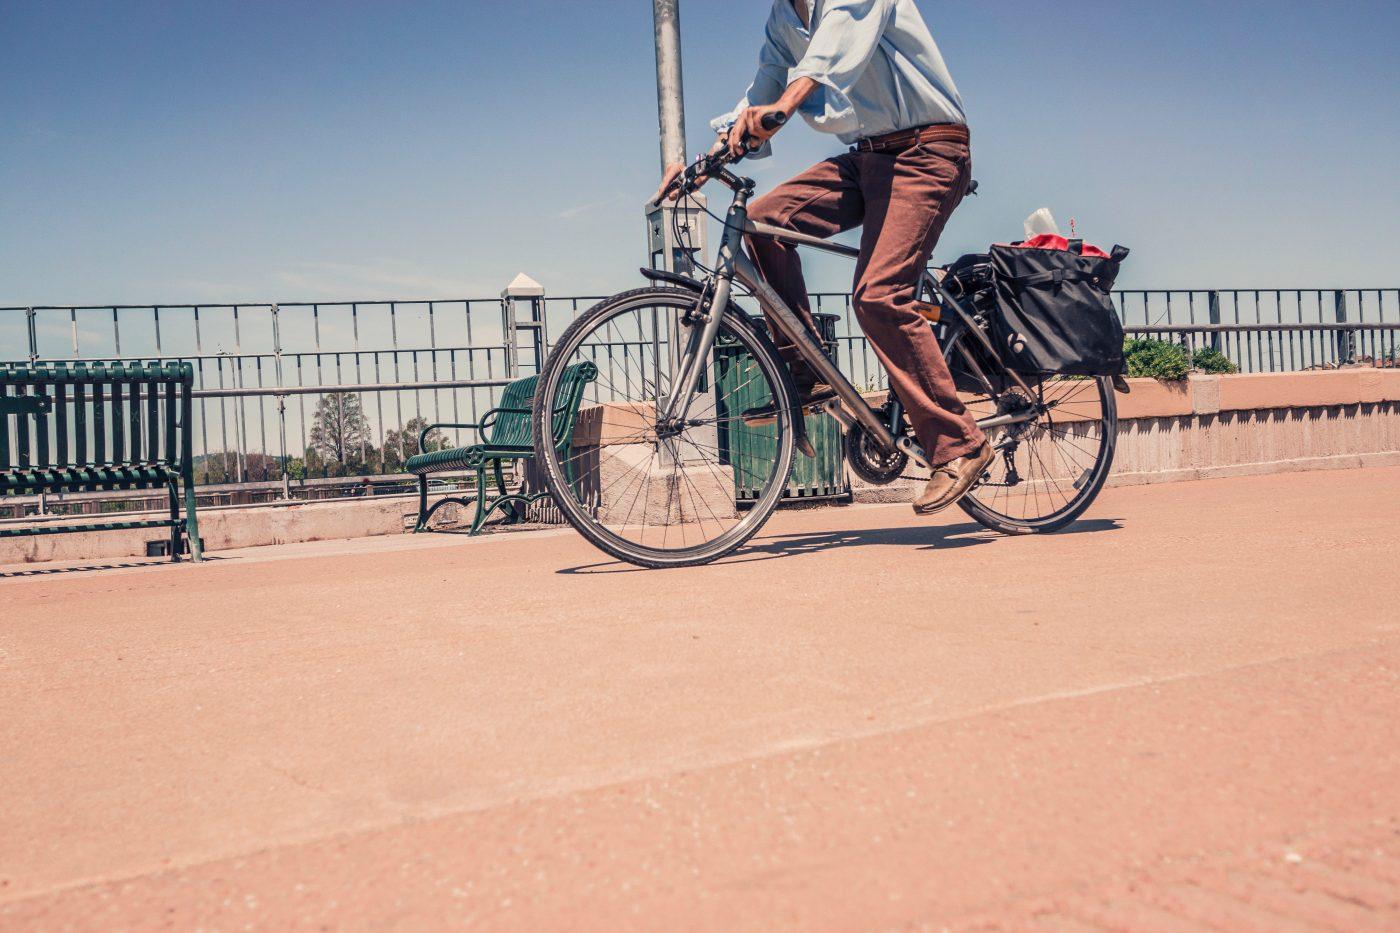 今年4月には滴滴出行とSoftbankが株主になることを狙っていたサイクリングシェア大手の「Mobike」を美団点評が買収。今後両社は、健康的なライフスタイルを推進するという共通ビジョンのもと、よりよいユーザー体験を提供していく。